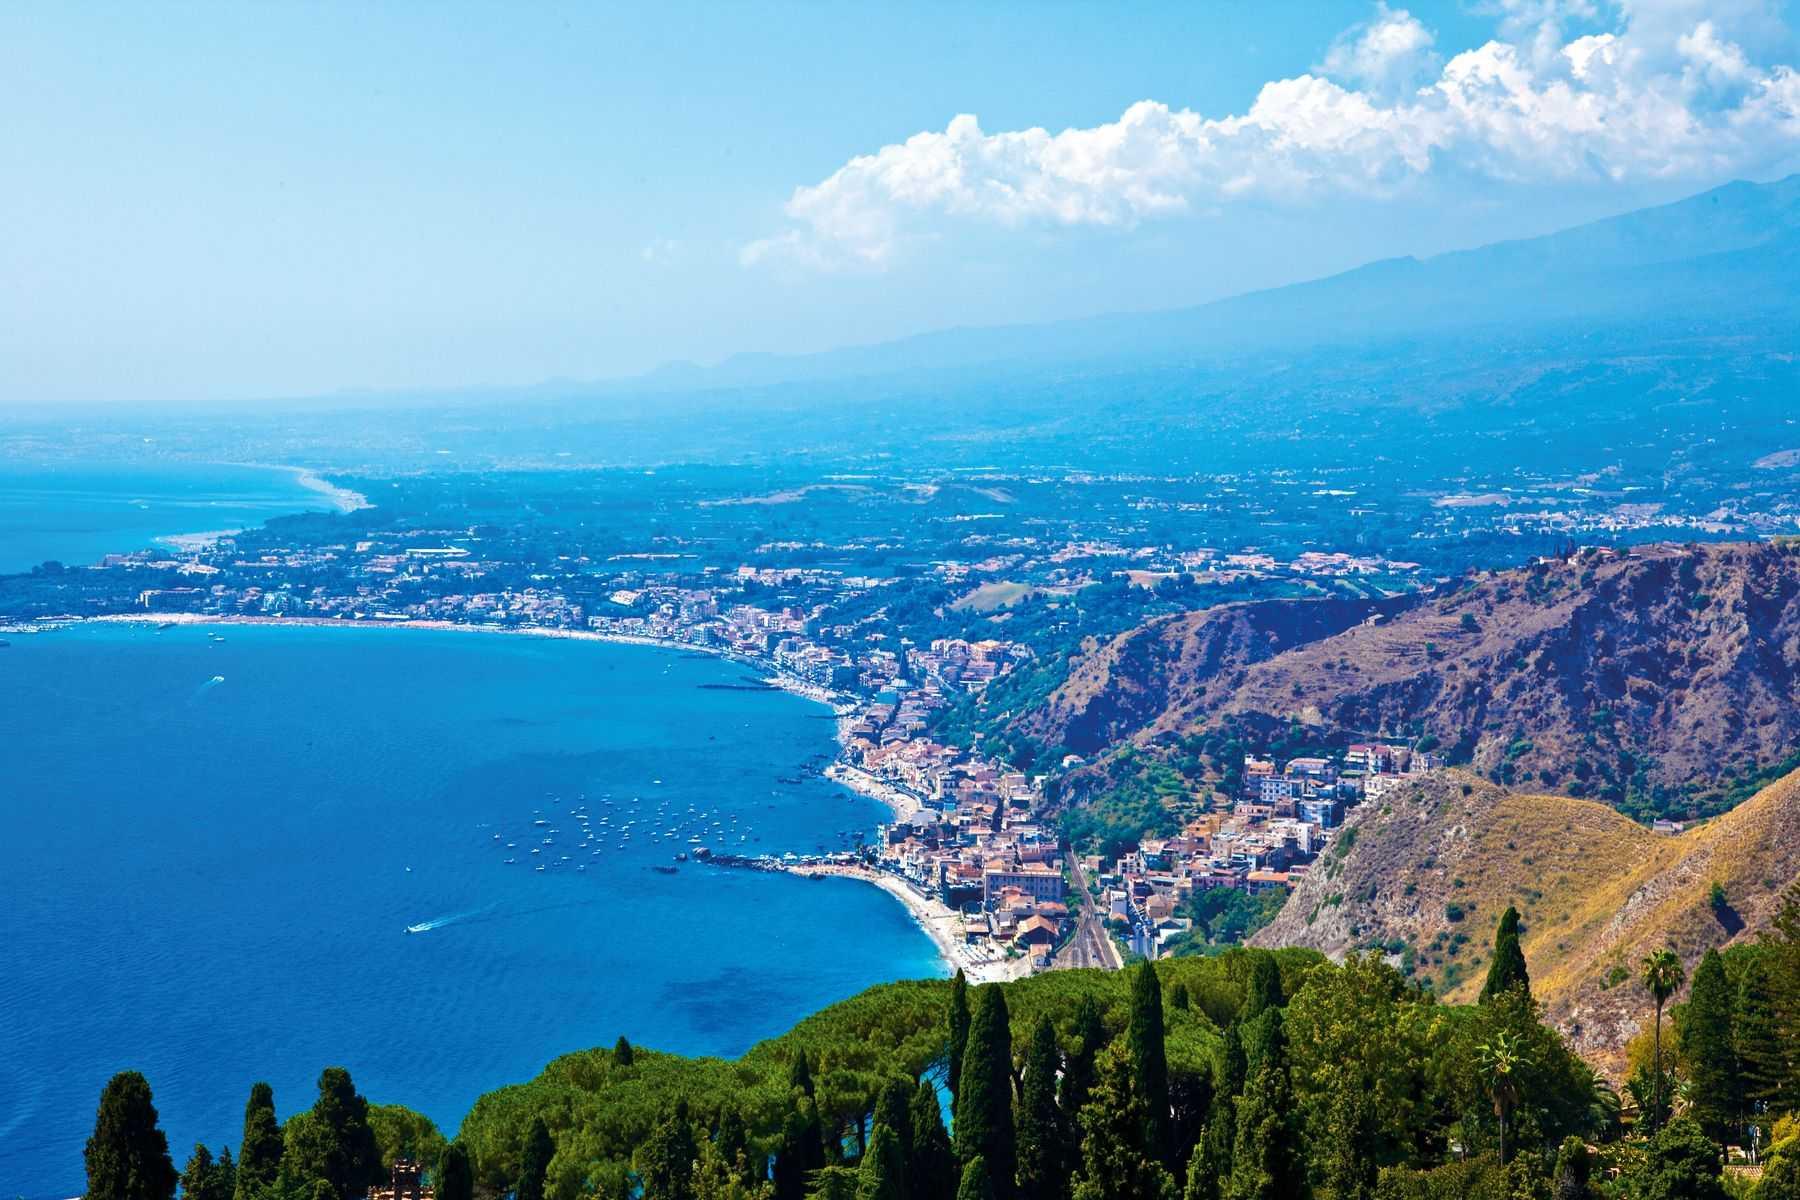 Atostogos Sicilijoje! Pilnas kelionės paketas ir 7n. 4* viešbutyje ant jūros kranto su pusryčiais ir vakarienėmis+!